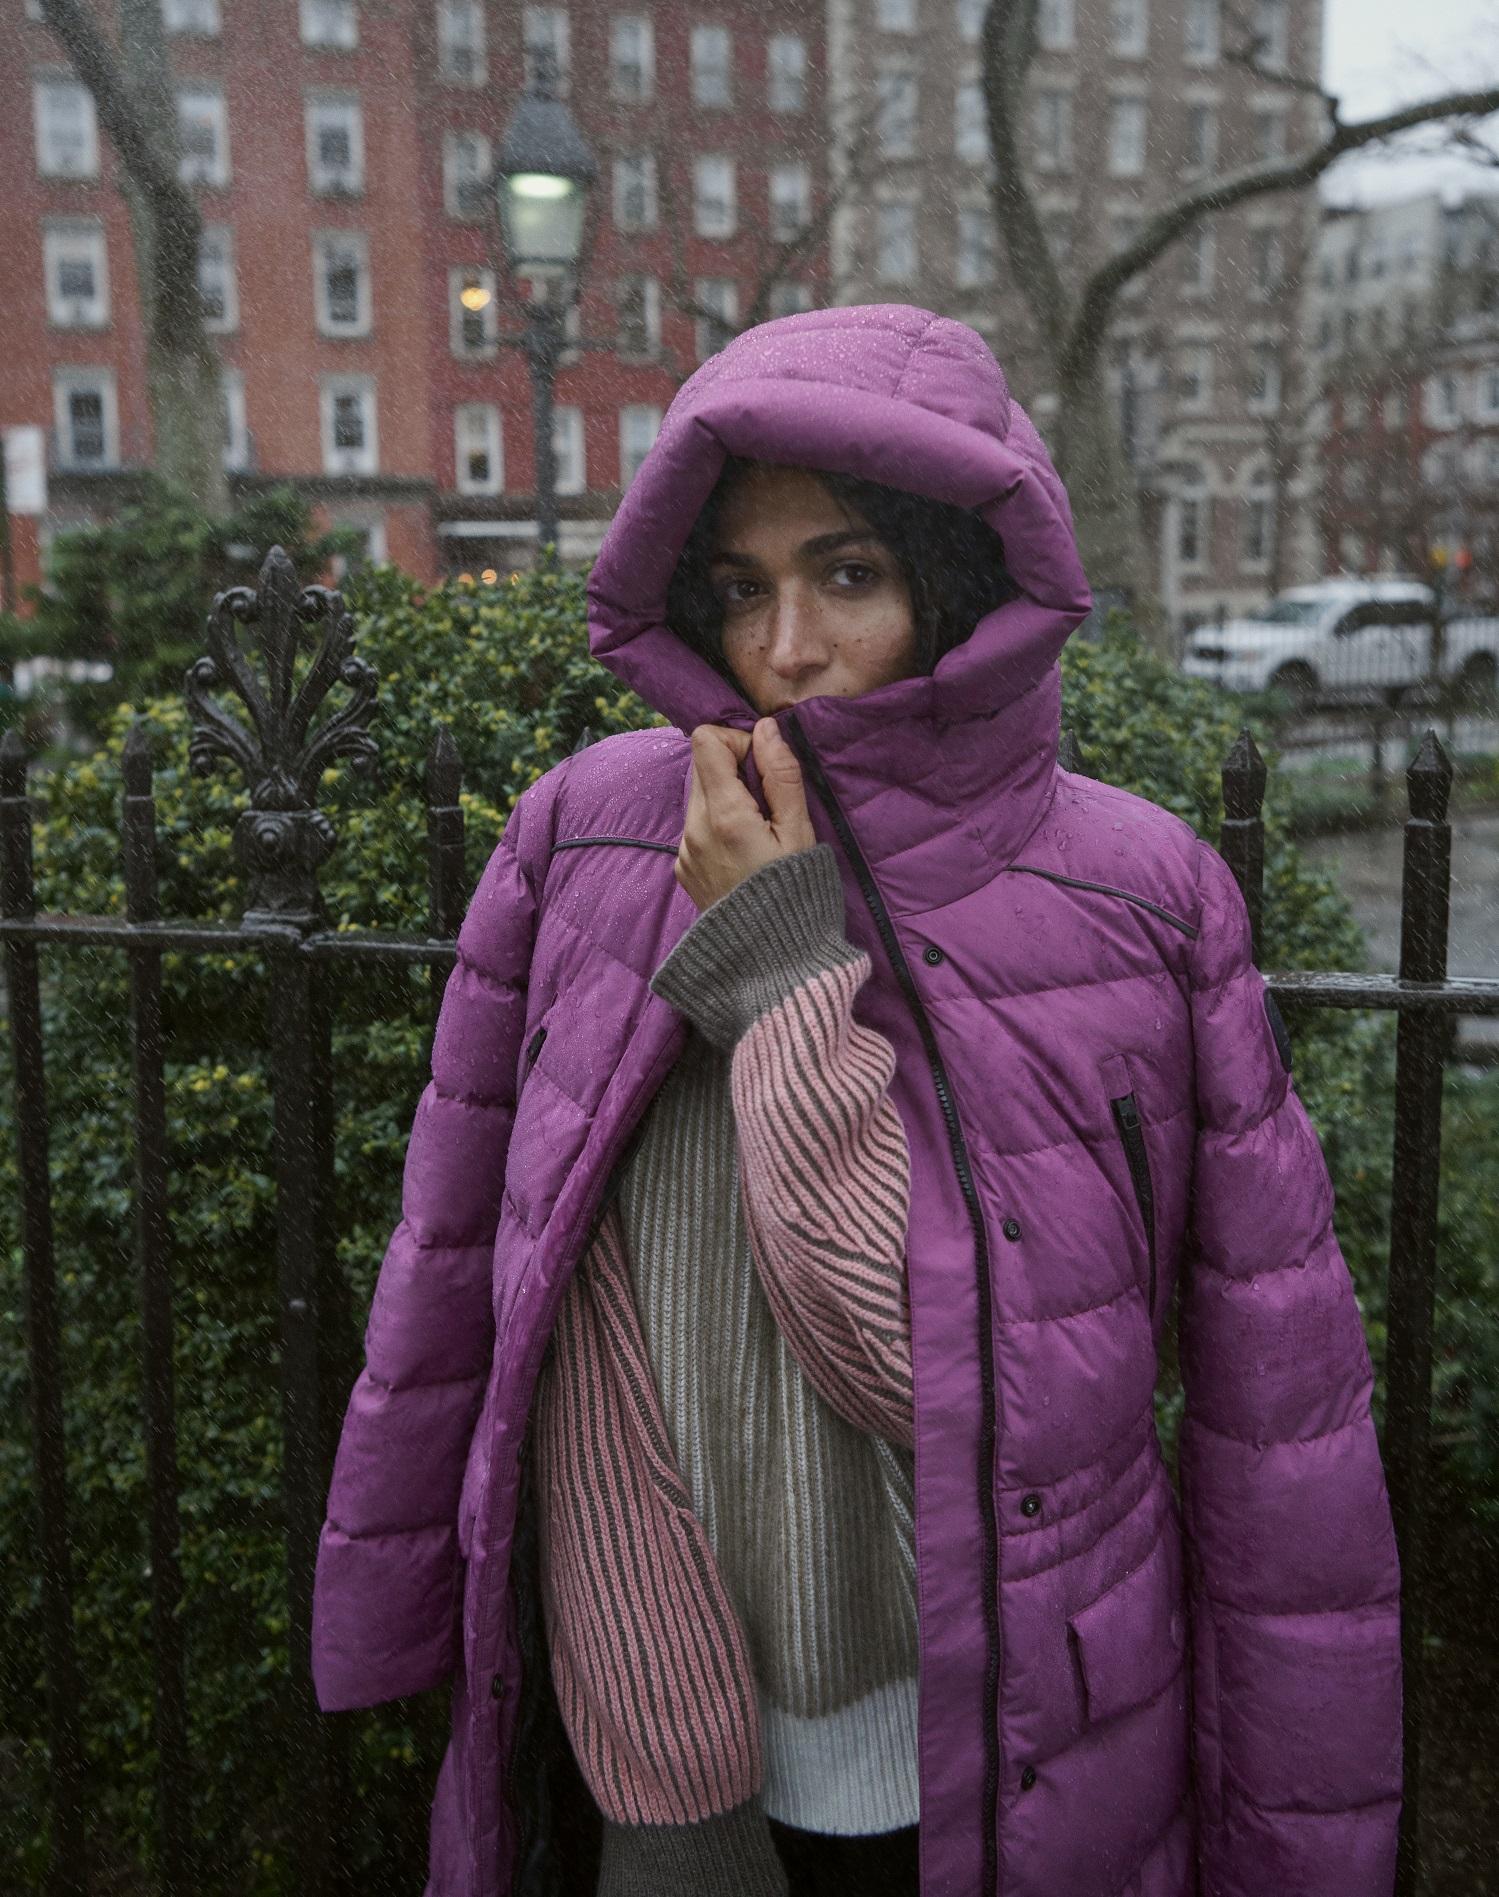 Frau hüllt sich in einen violetten Woolrich Daunenmantel